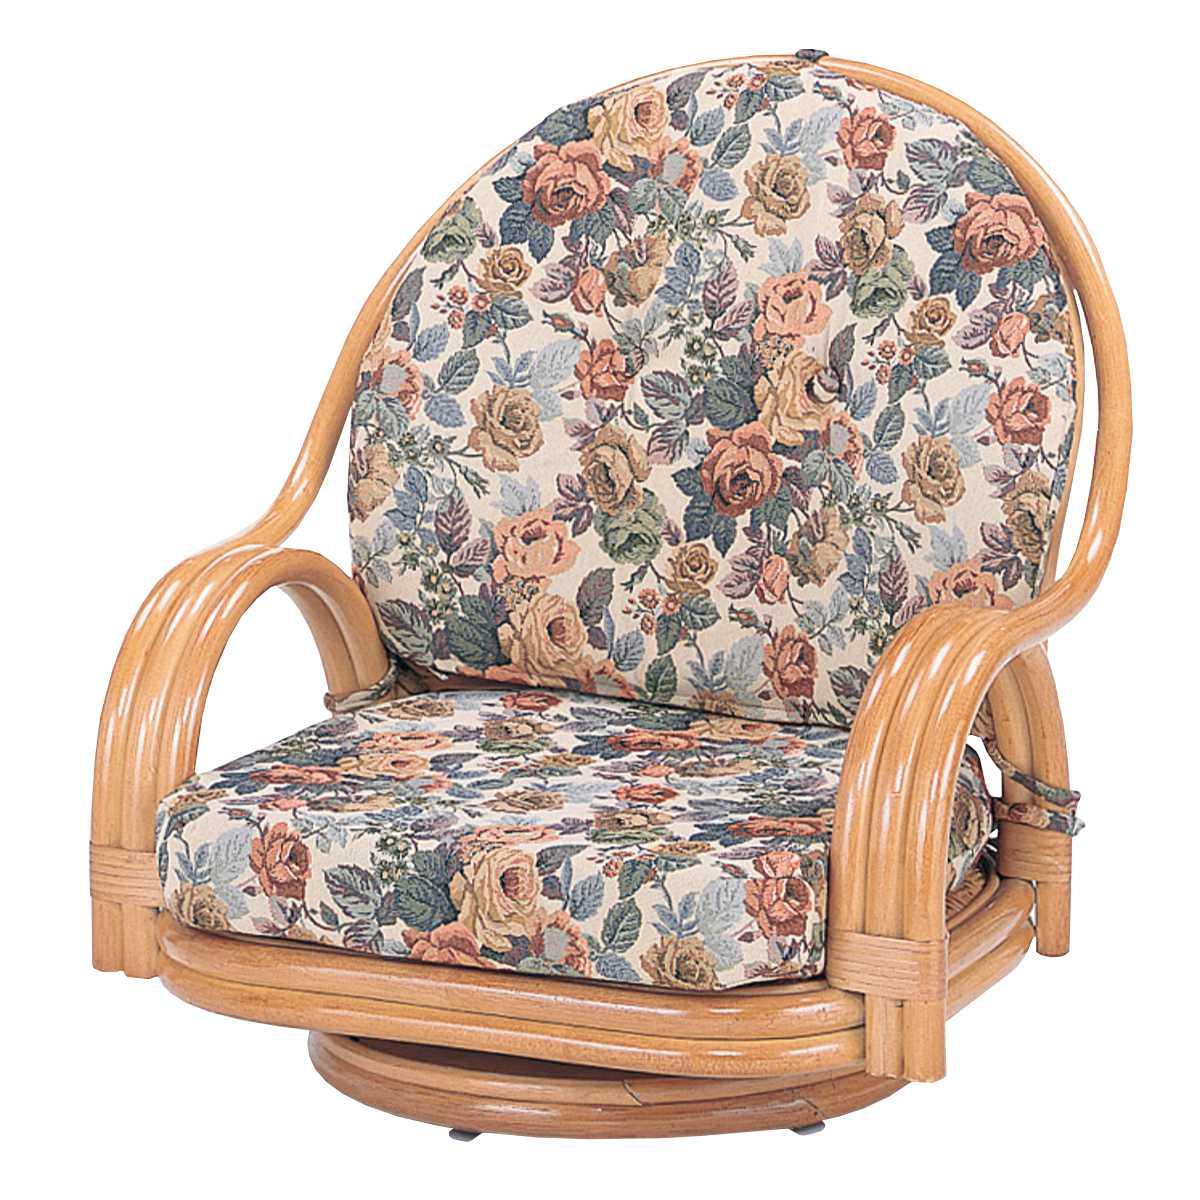 回転座椅子 ロータイプ ラタンチェア 籐家具 座面高19cm ( 送料無料 椅子 イス アジアン )